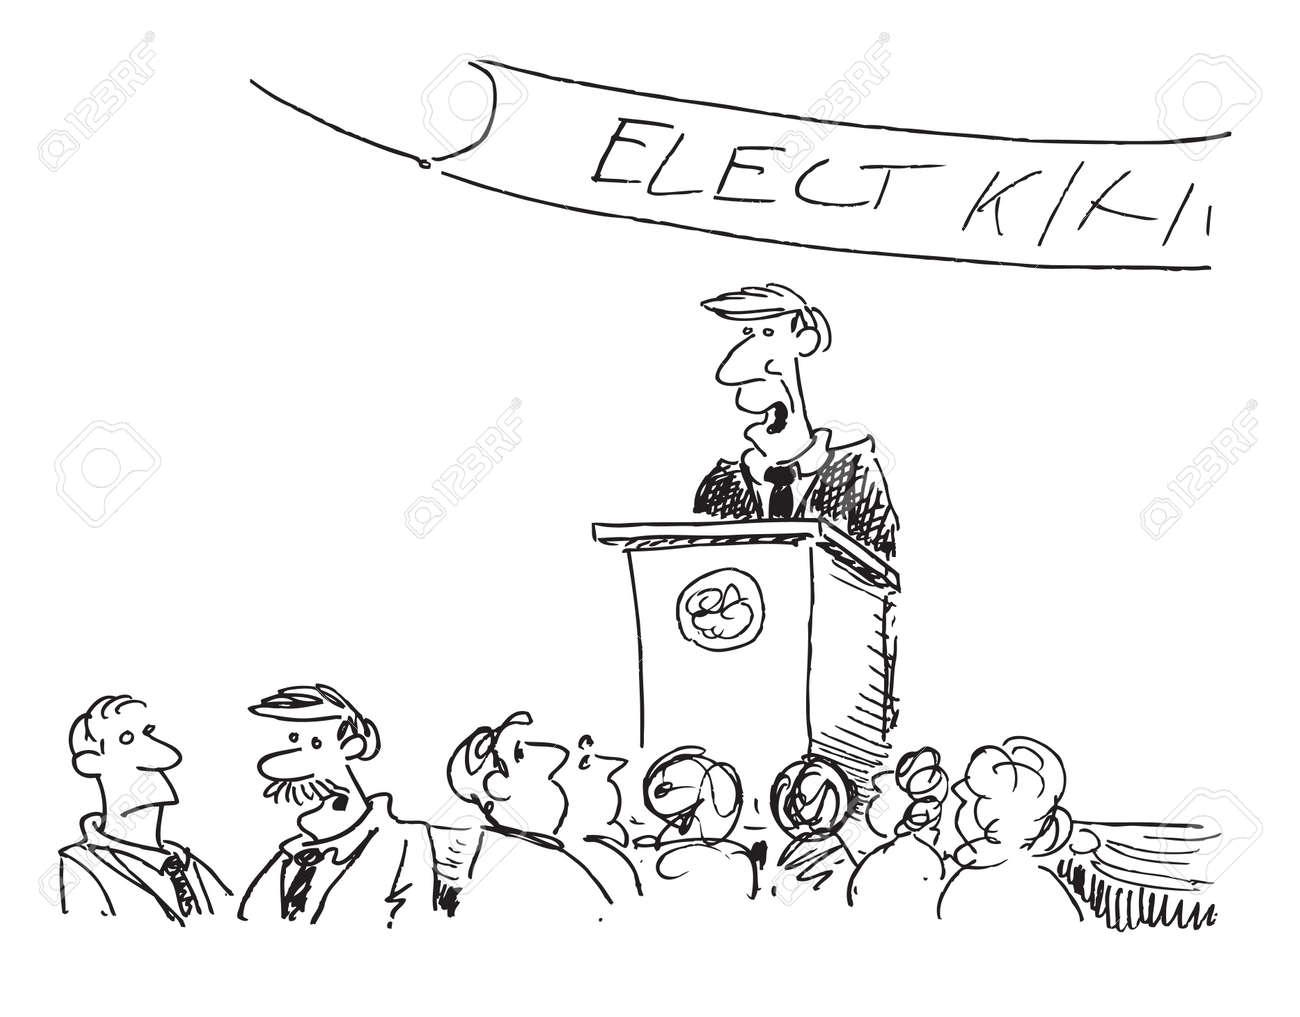 Resultado de imagen para discurso politico